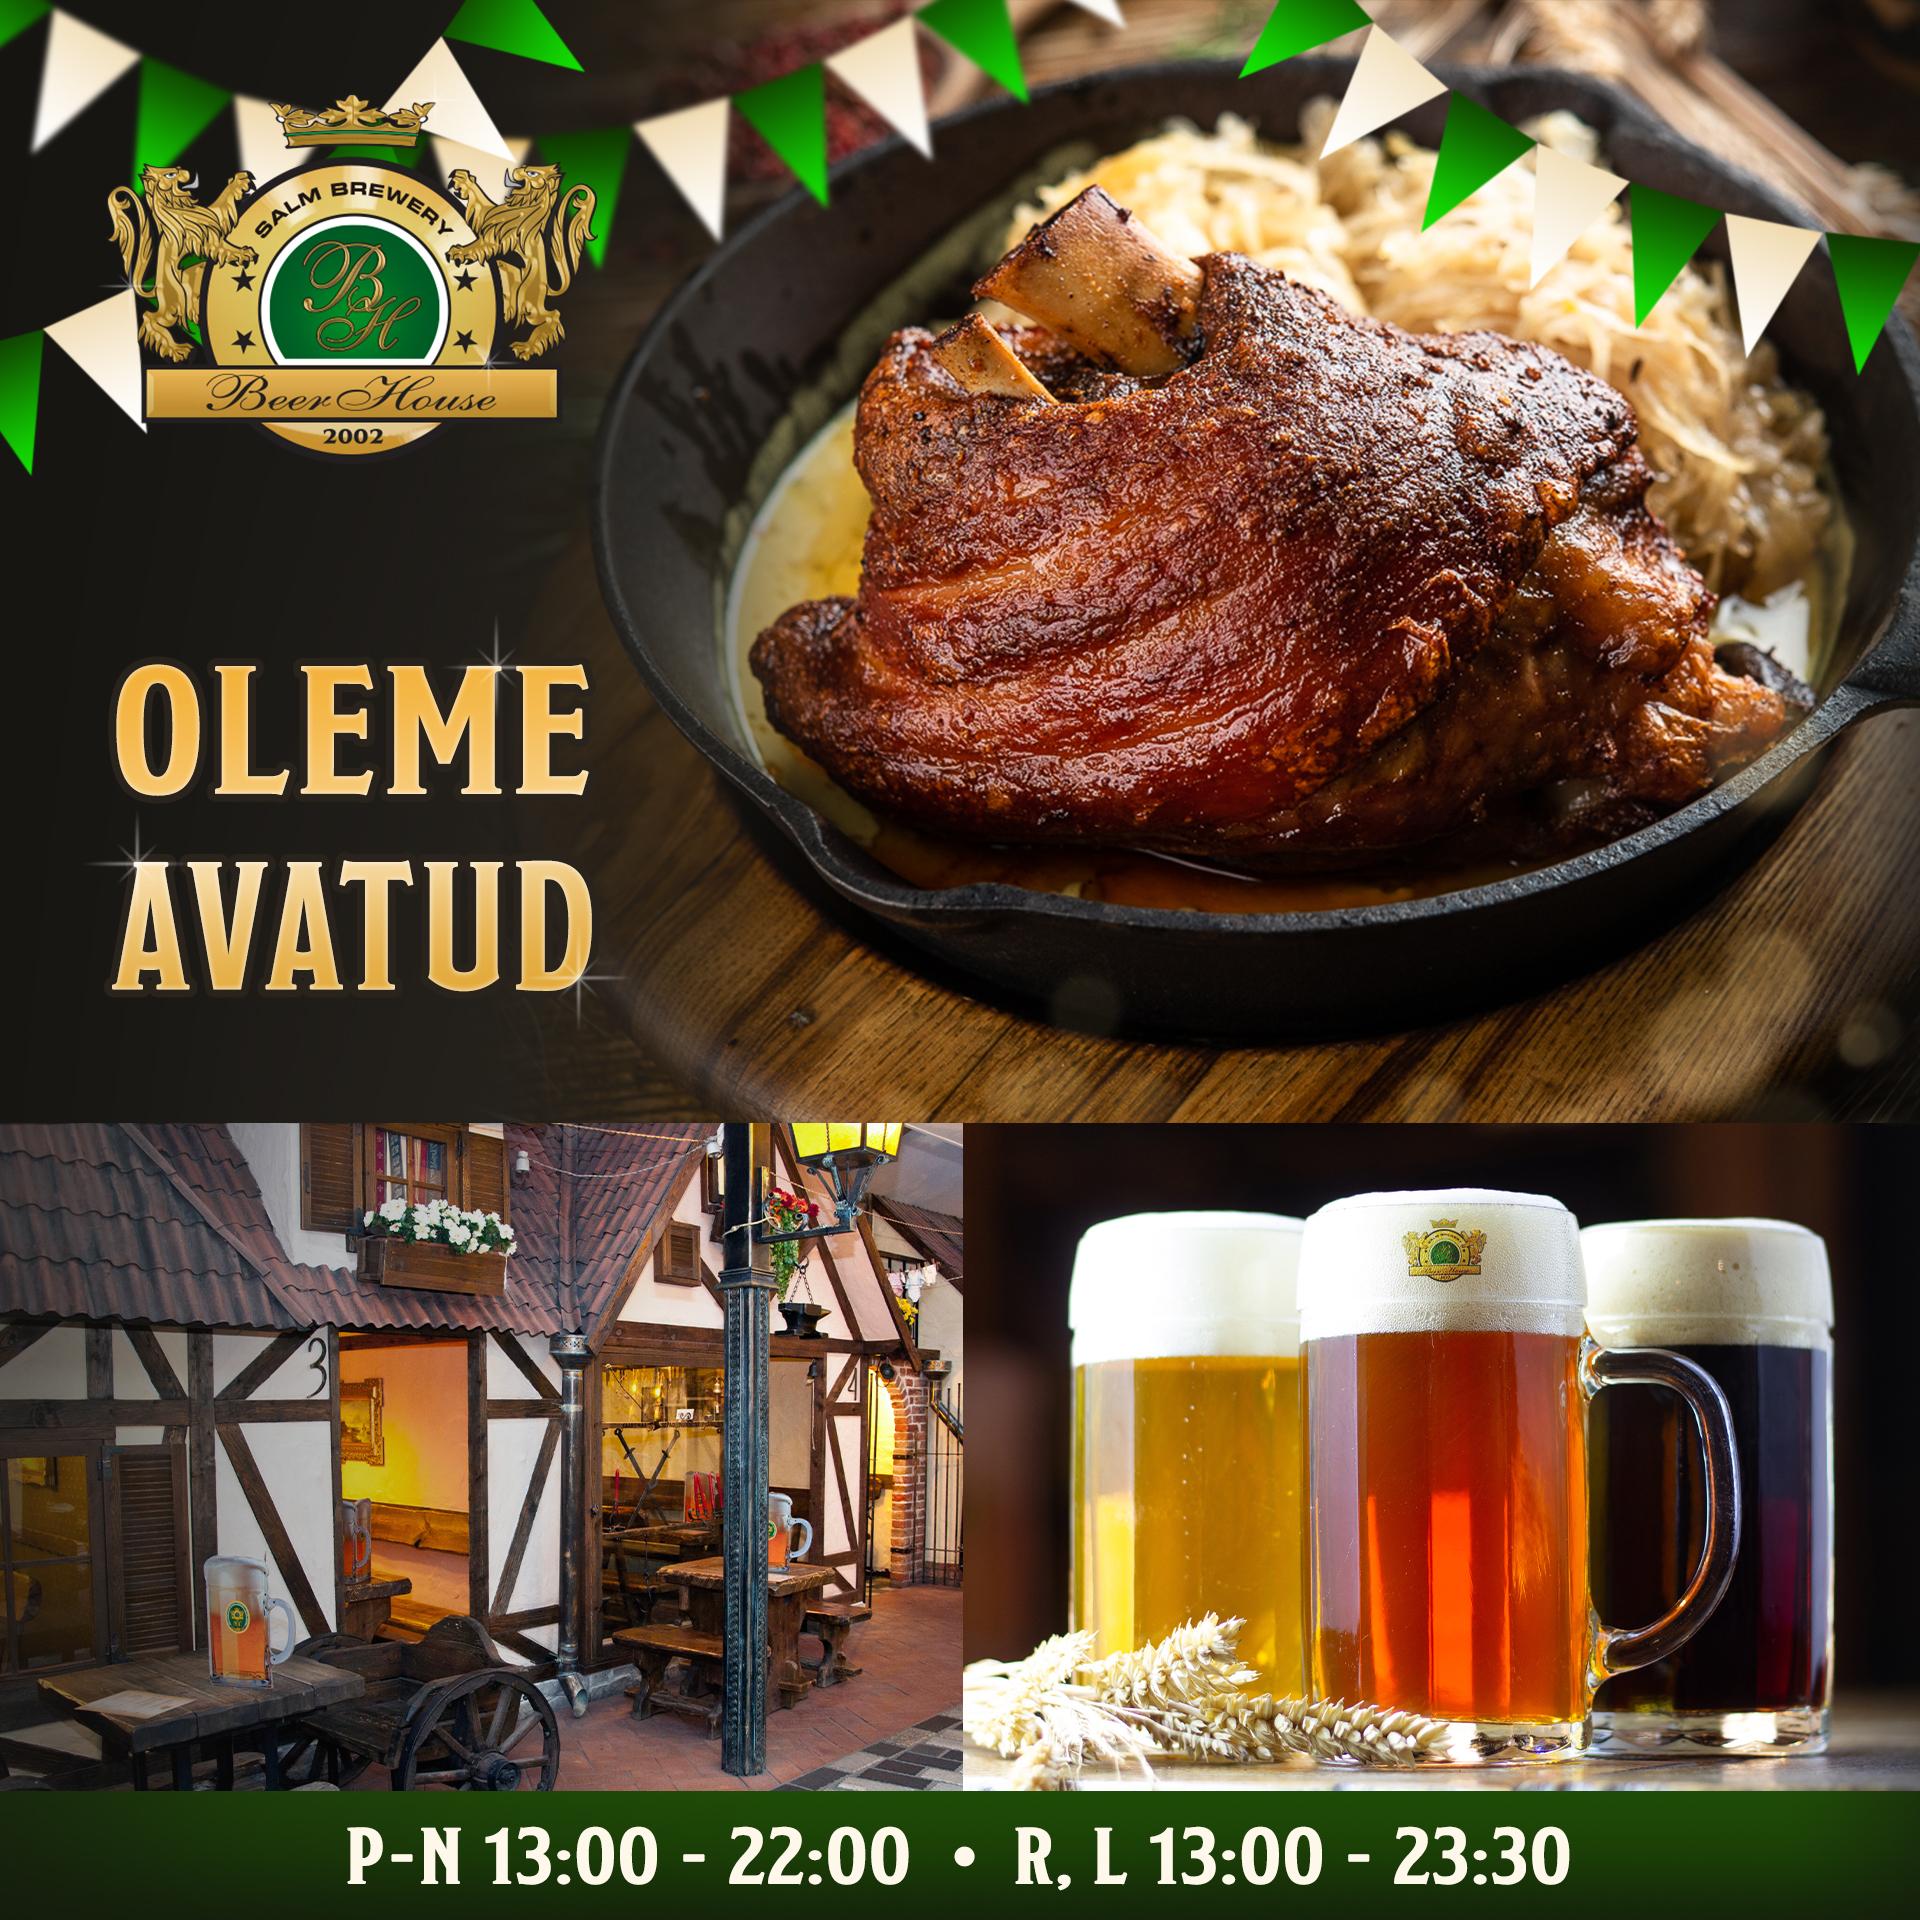 Beer House on avatud!